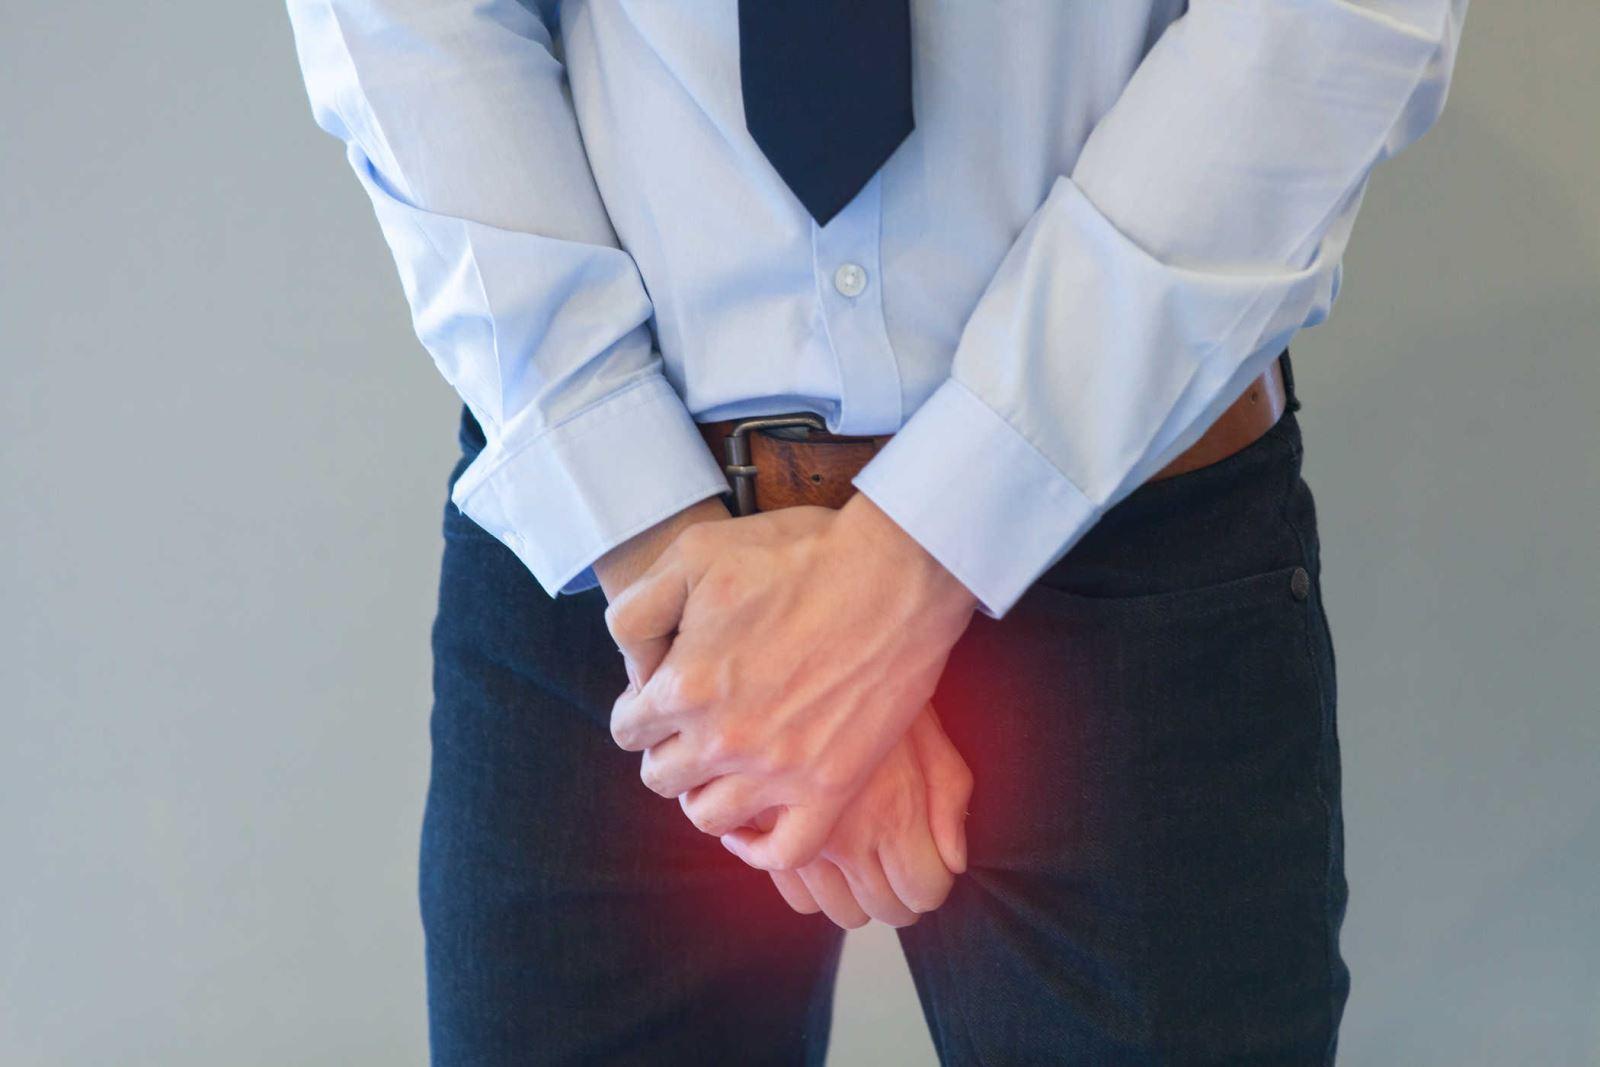 tìm hiểu về viêm niệu đạo ở nam giới.